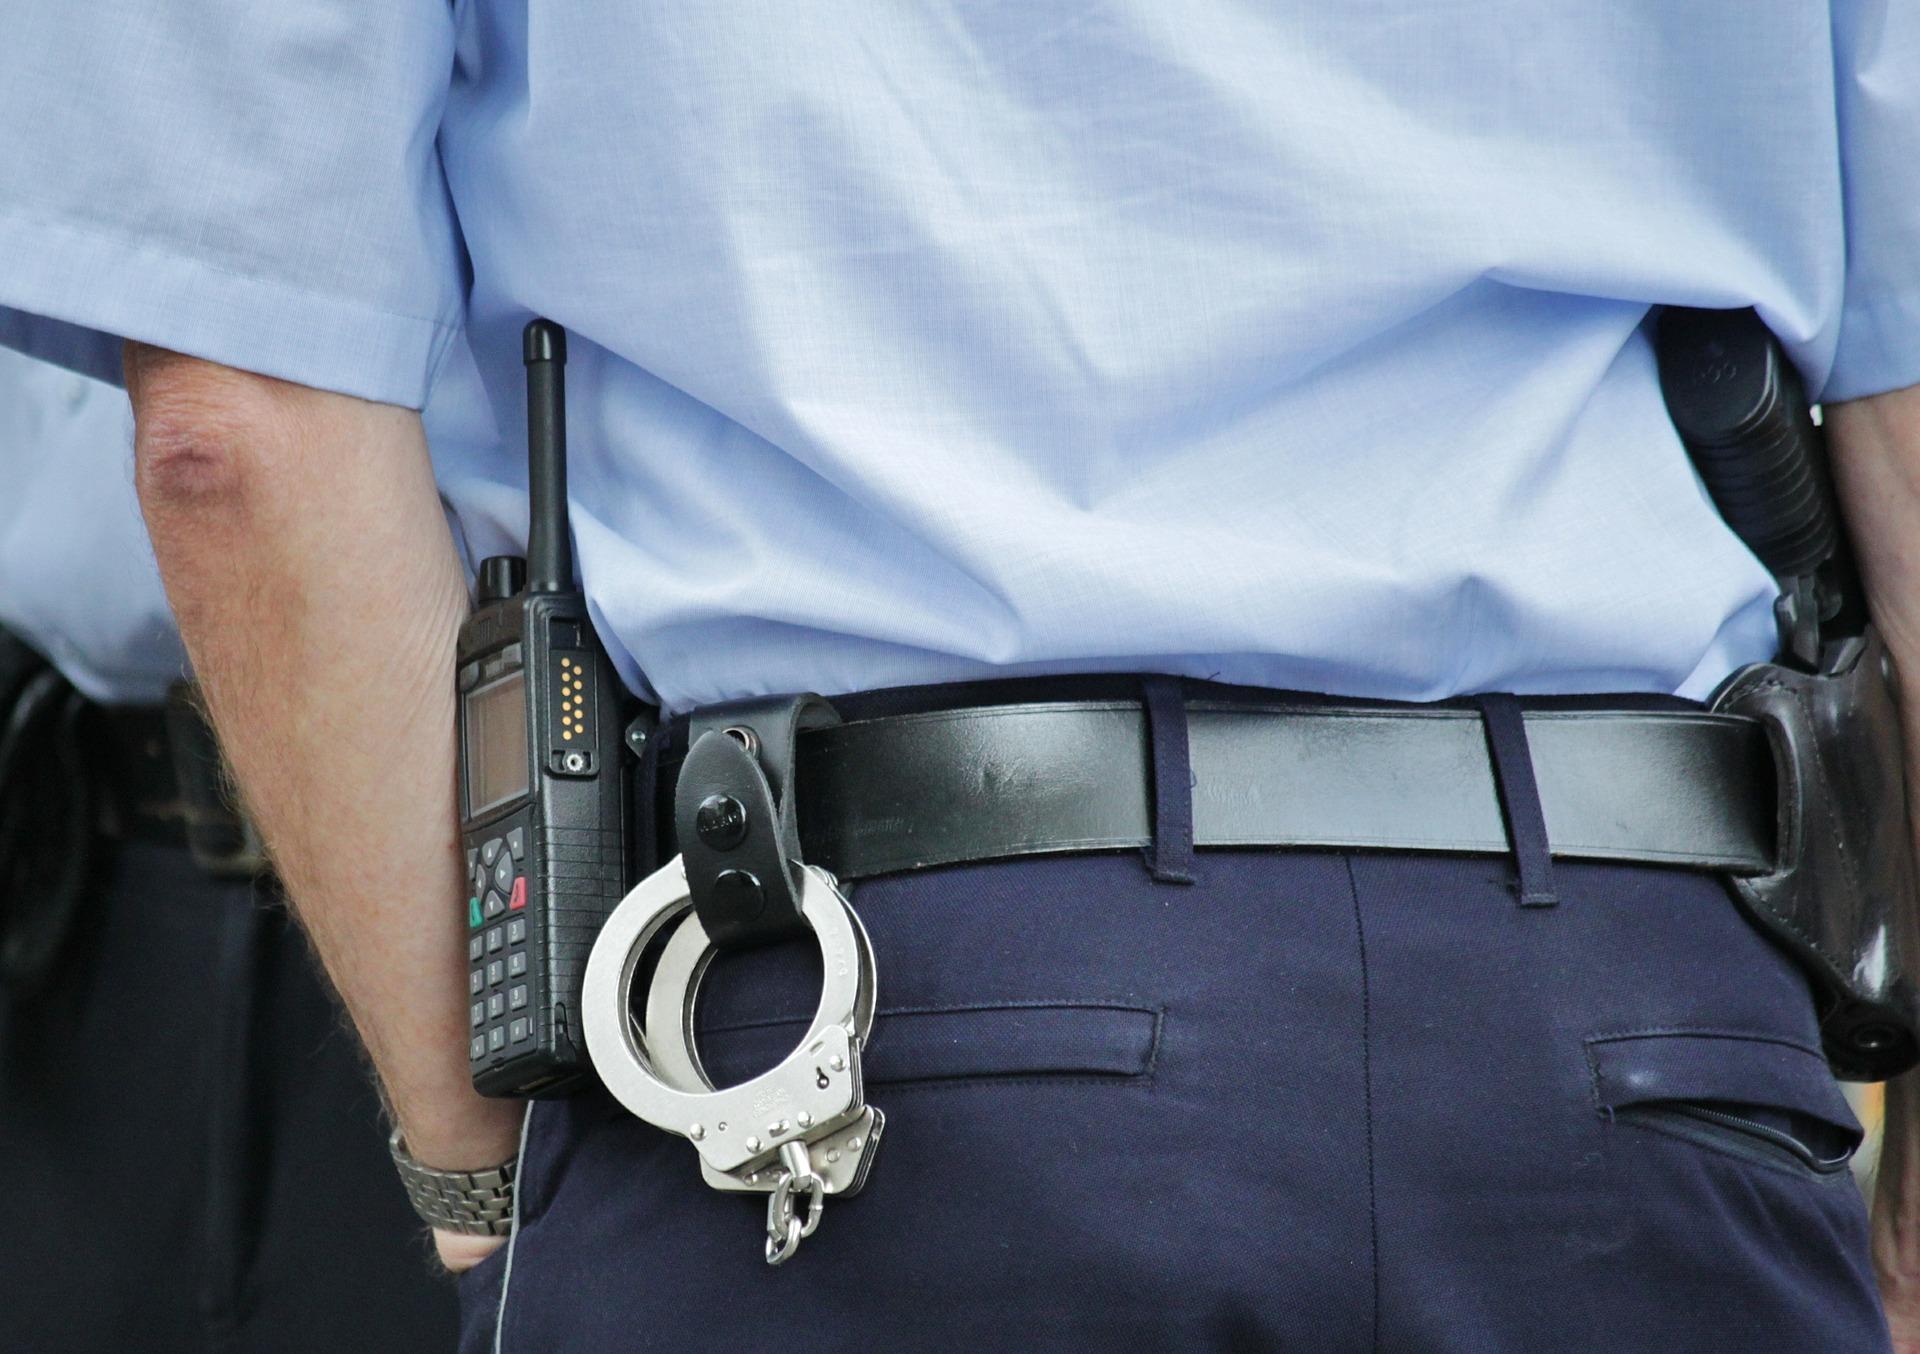 einsatzwagen_polizei_fahrzeug_pkw_auto_blaulicht_polizist_einsatz_uniform